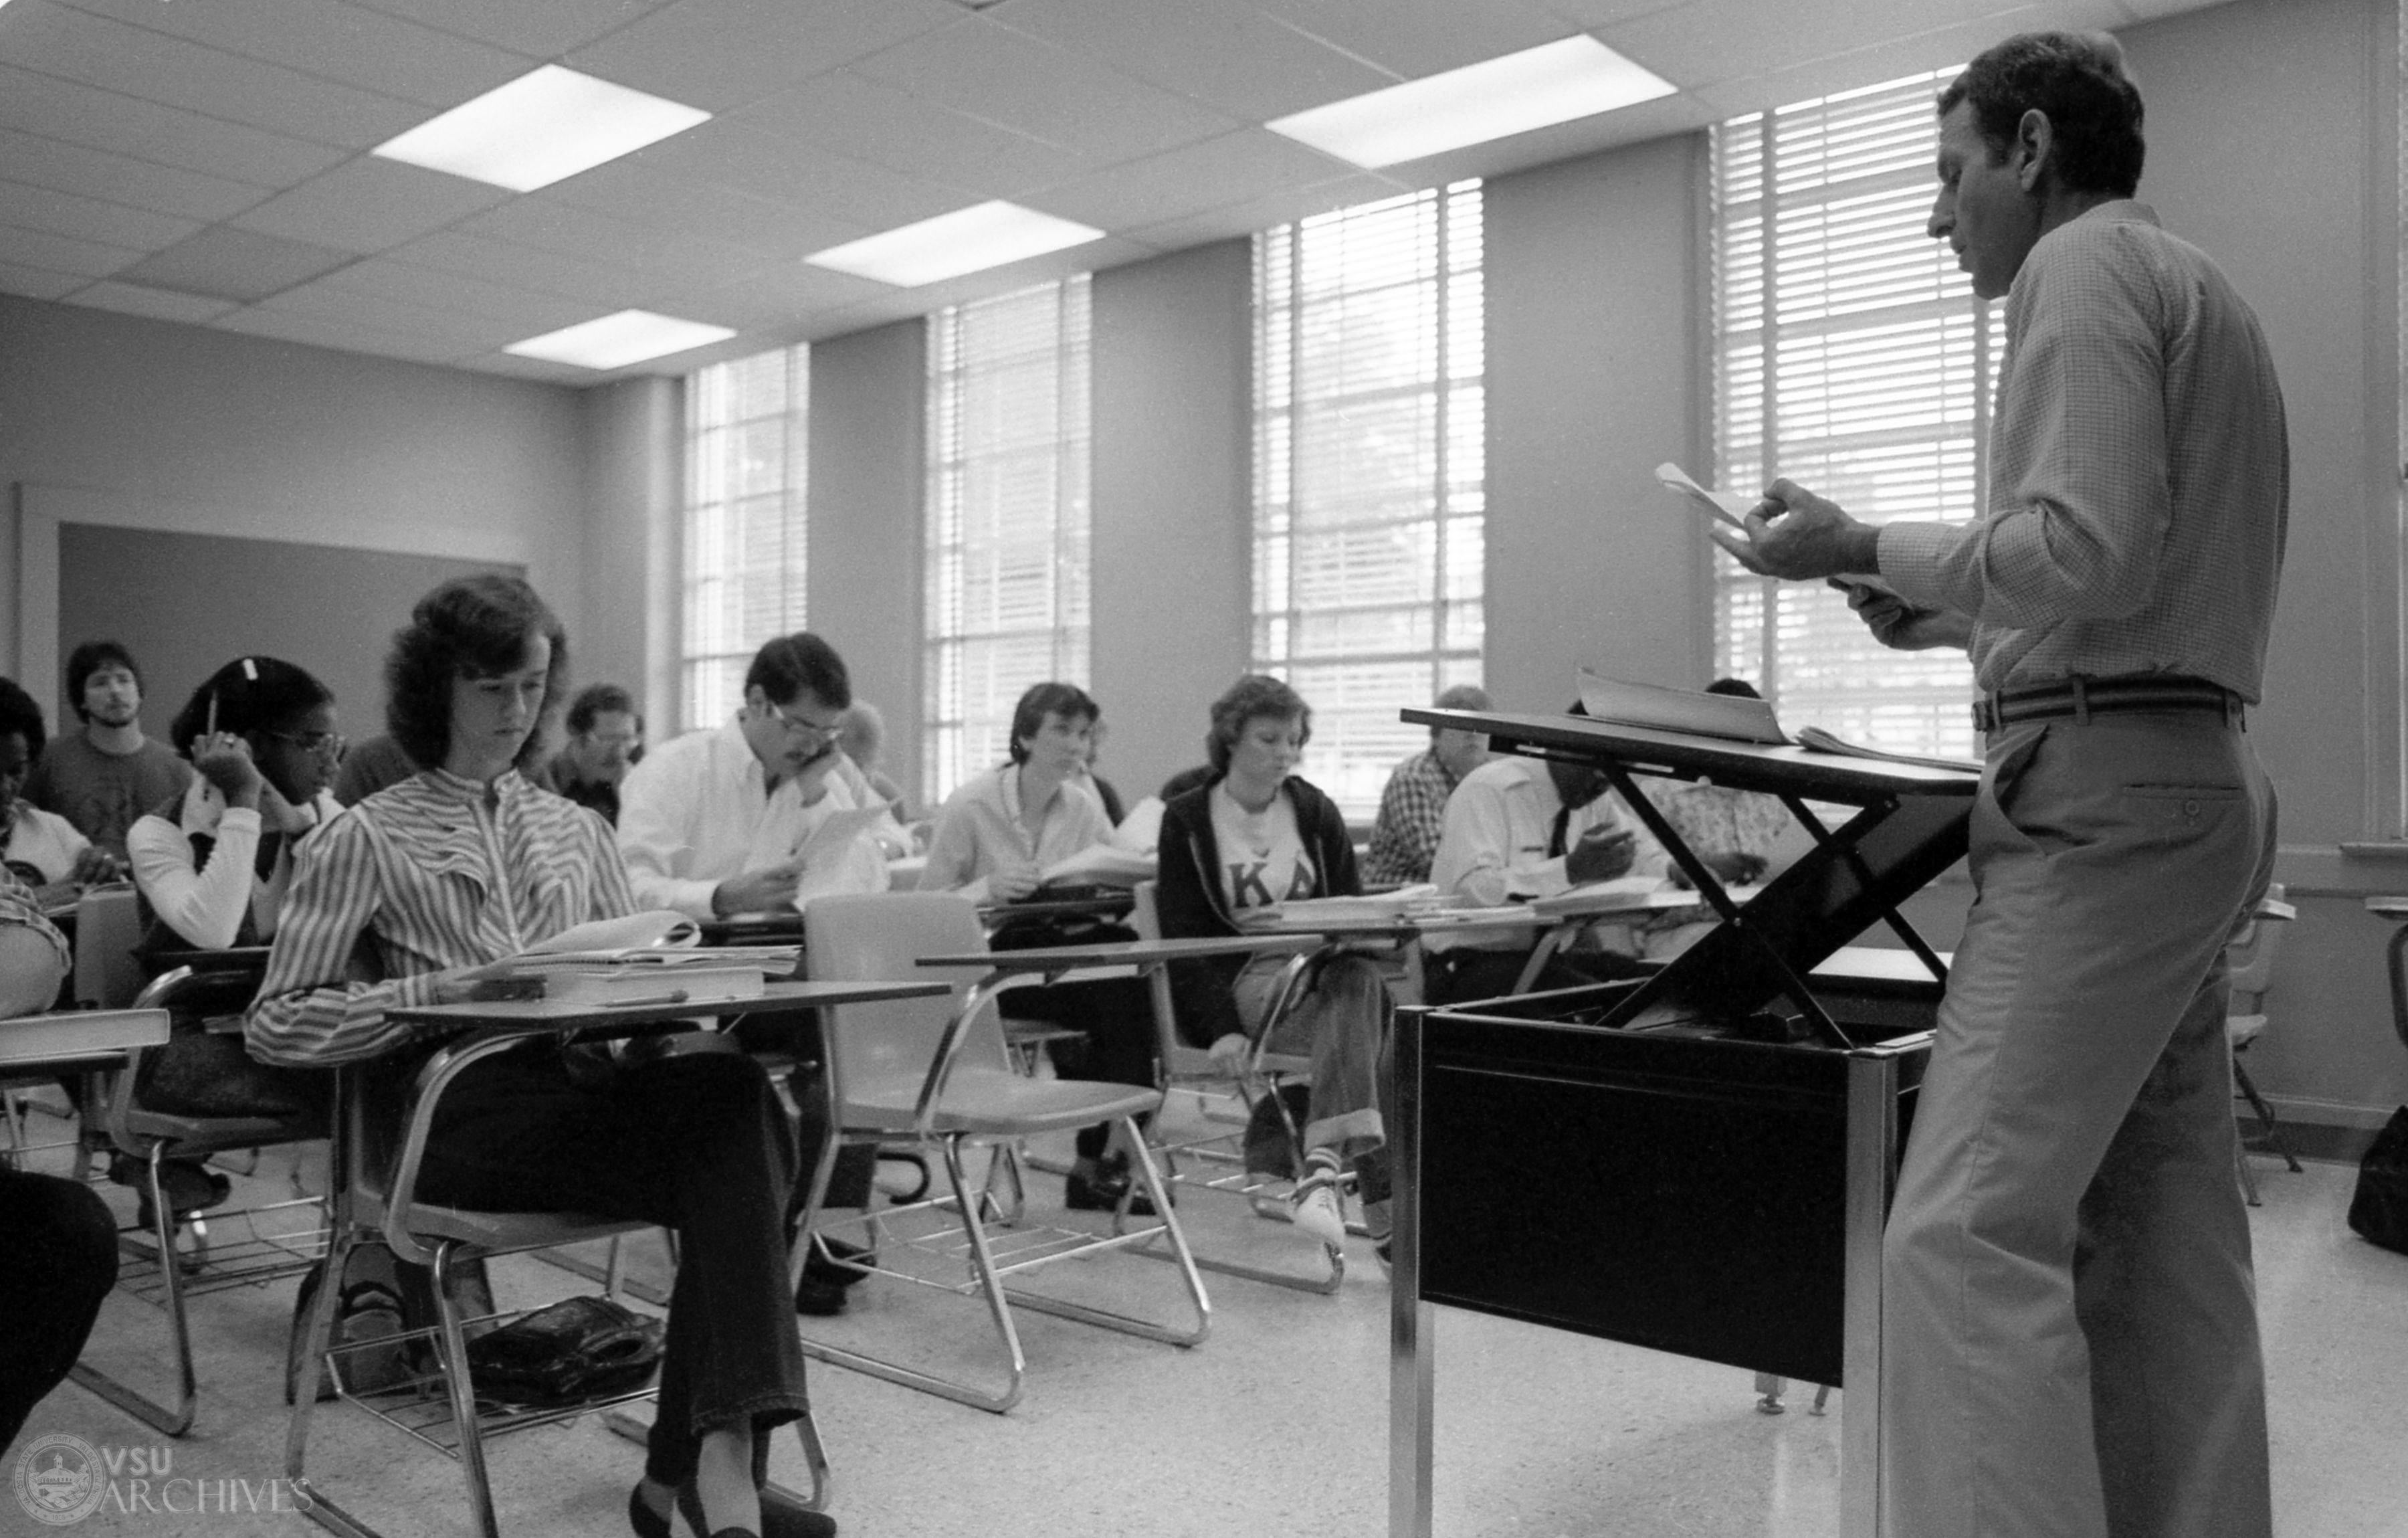 1982, School of Business